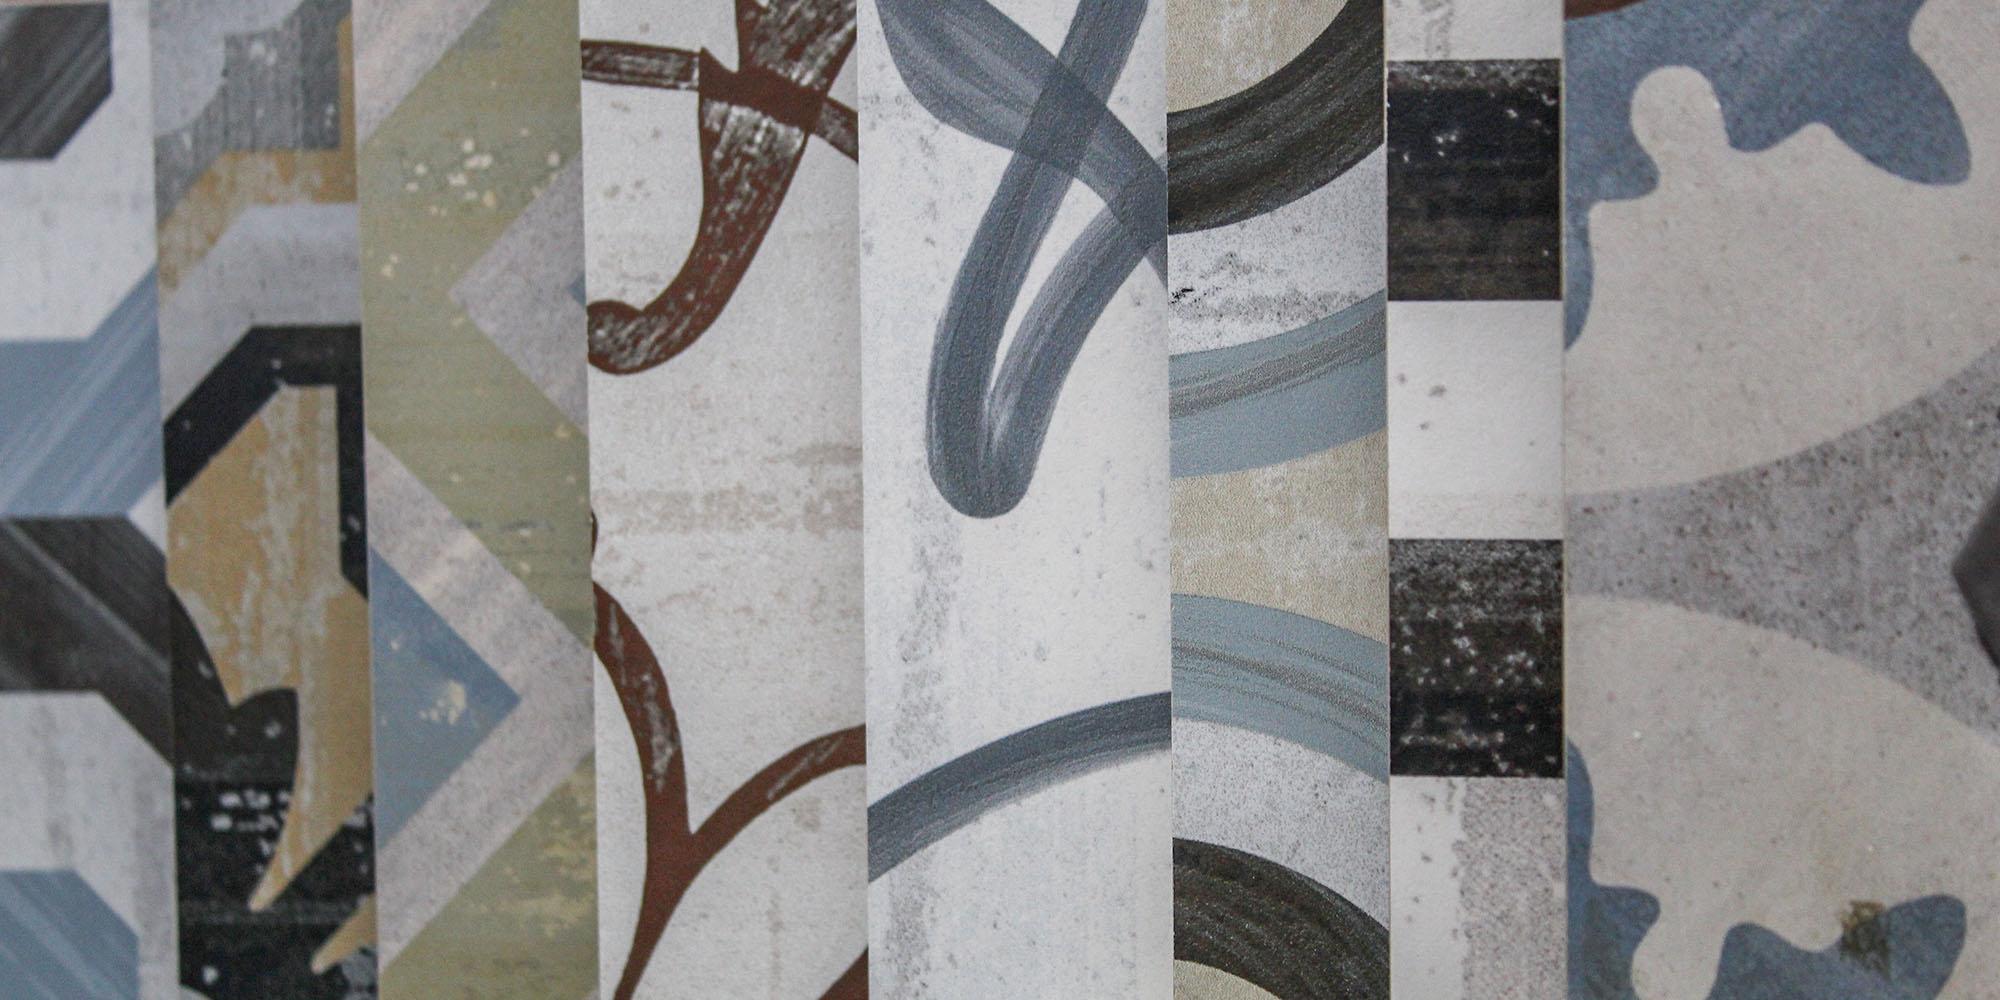 titelbild-ceramo-atelier-schwyz-unsere-ziele